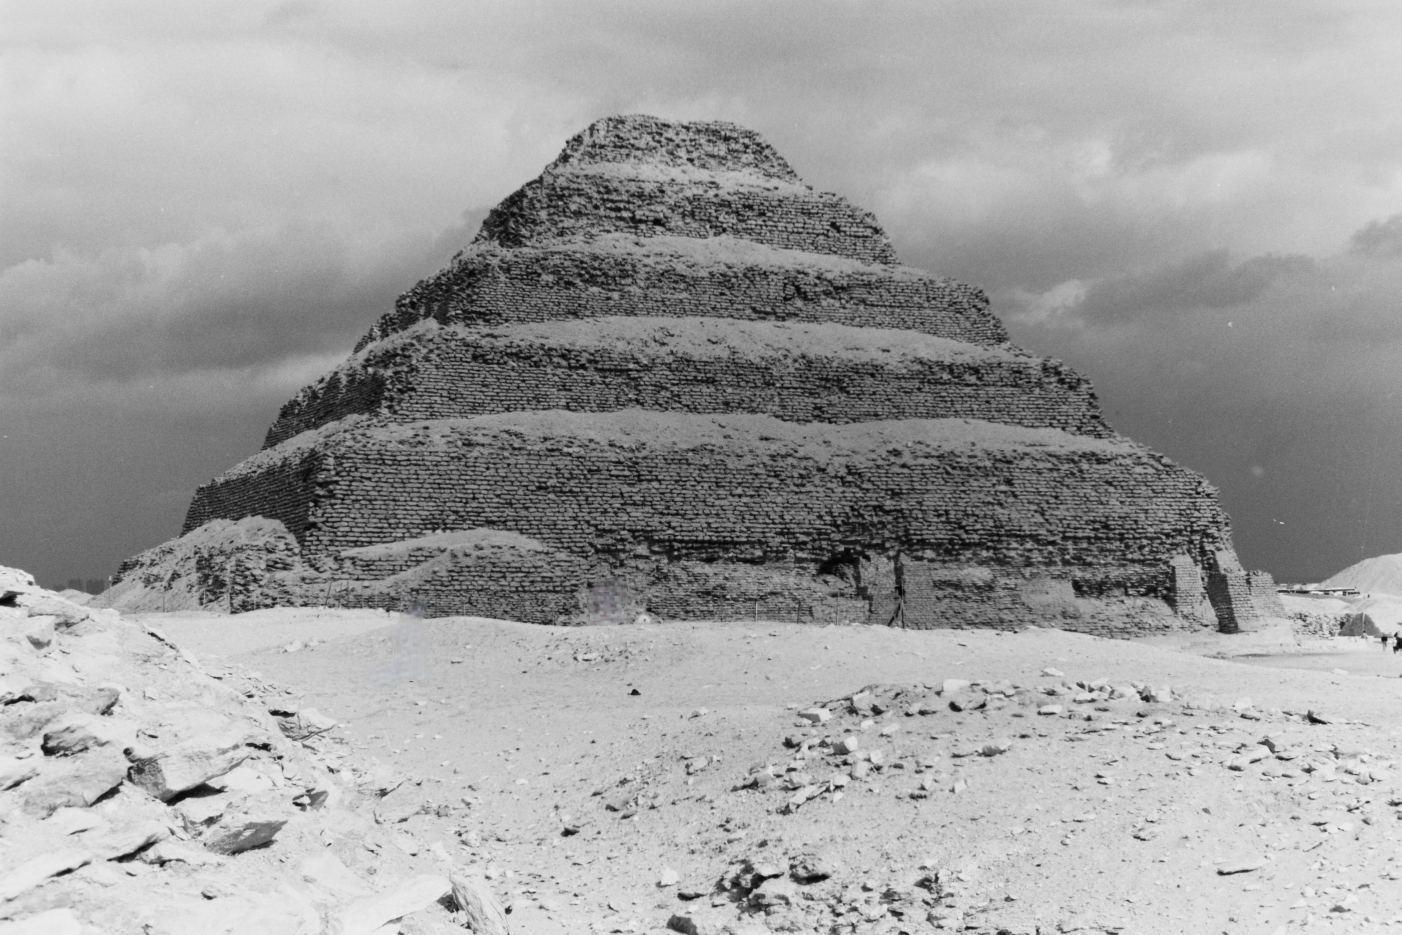 Αρχαίος τηλέγραφος: Φωτεινά σήματα που χρησιμοποιούνται για επικοινωνία στην αρχαία Αίγυπτο; 5